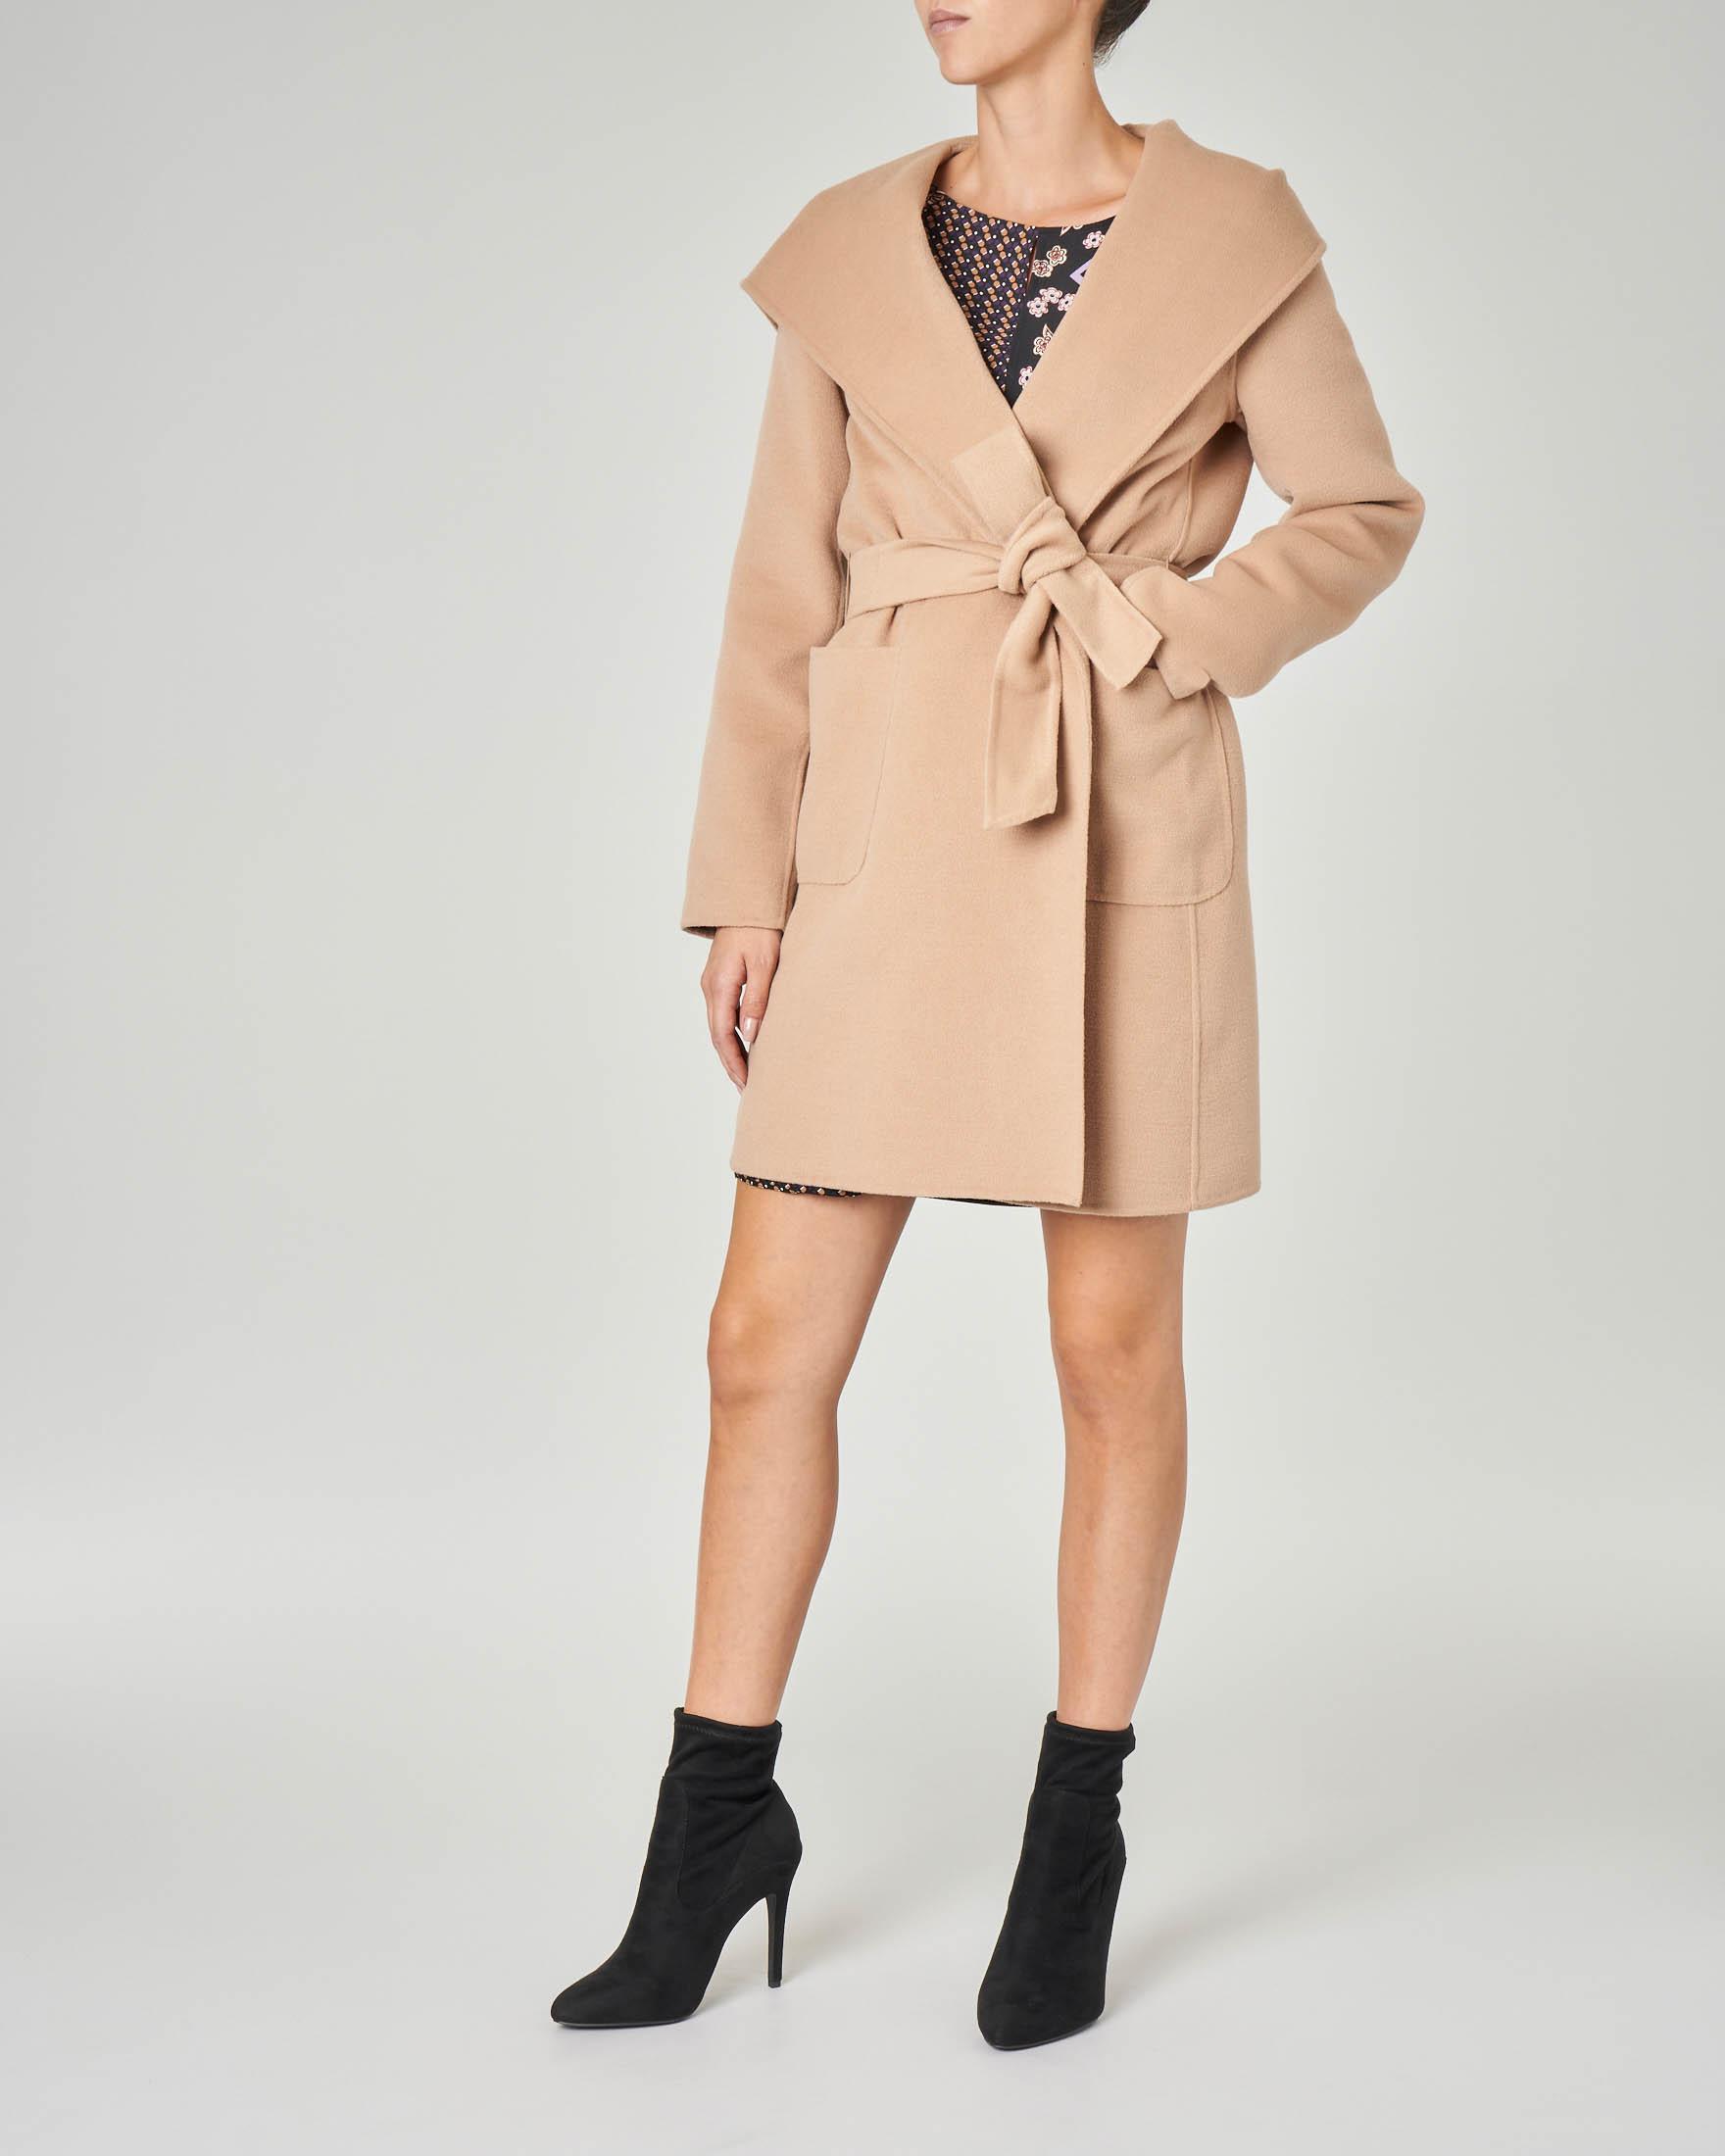 Cappotto corto in panno color cammello con collo sciallato e cappuccio